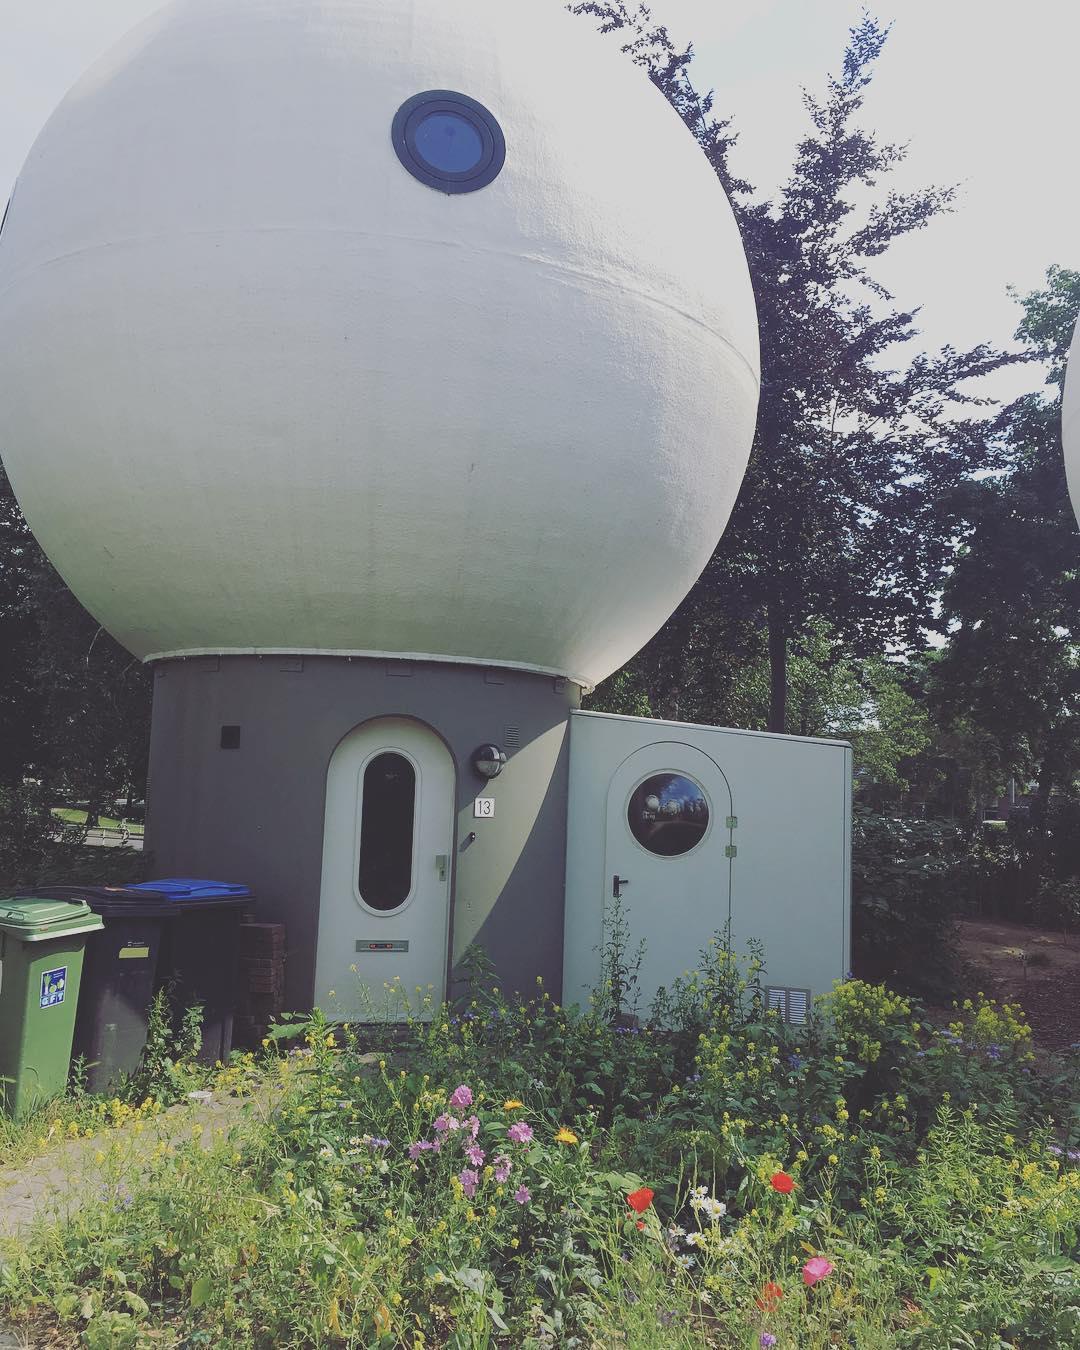 bolwoningen neighborhood of spherical homes unusual places